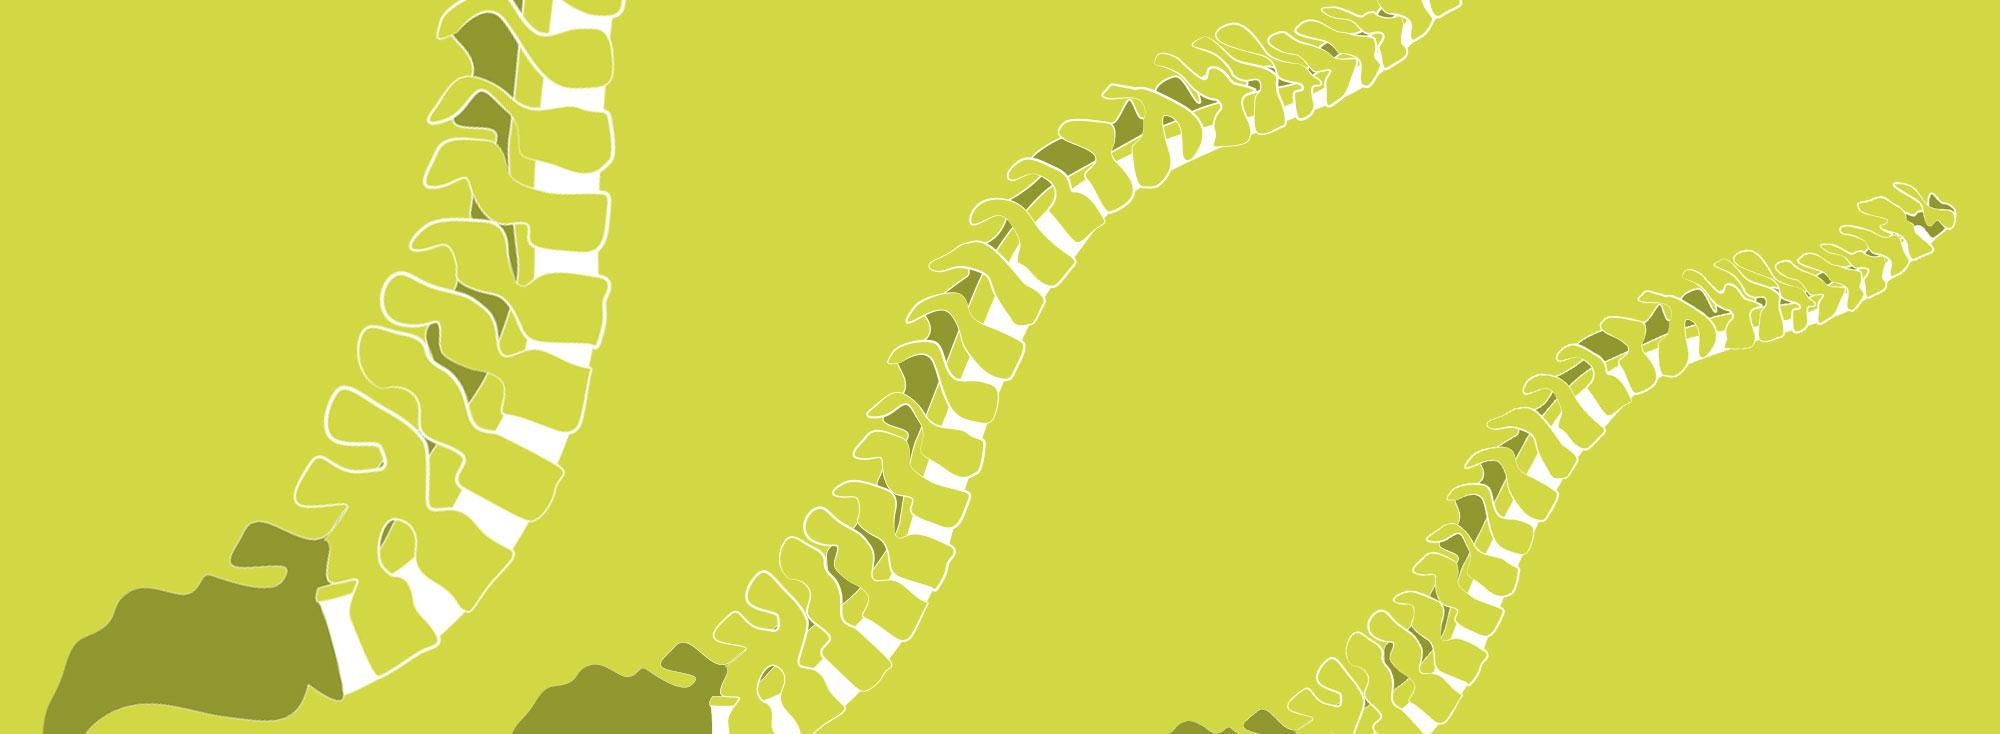 Wirbelsäule - Rückengesundheit